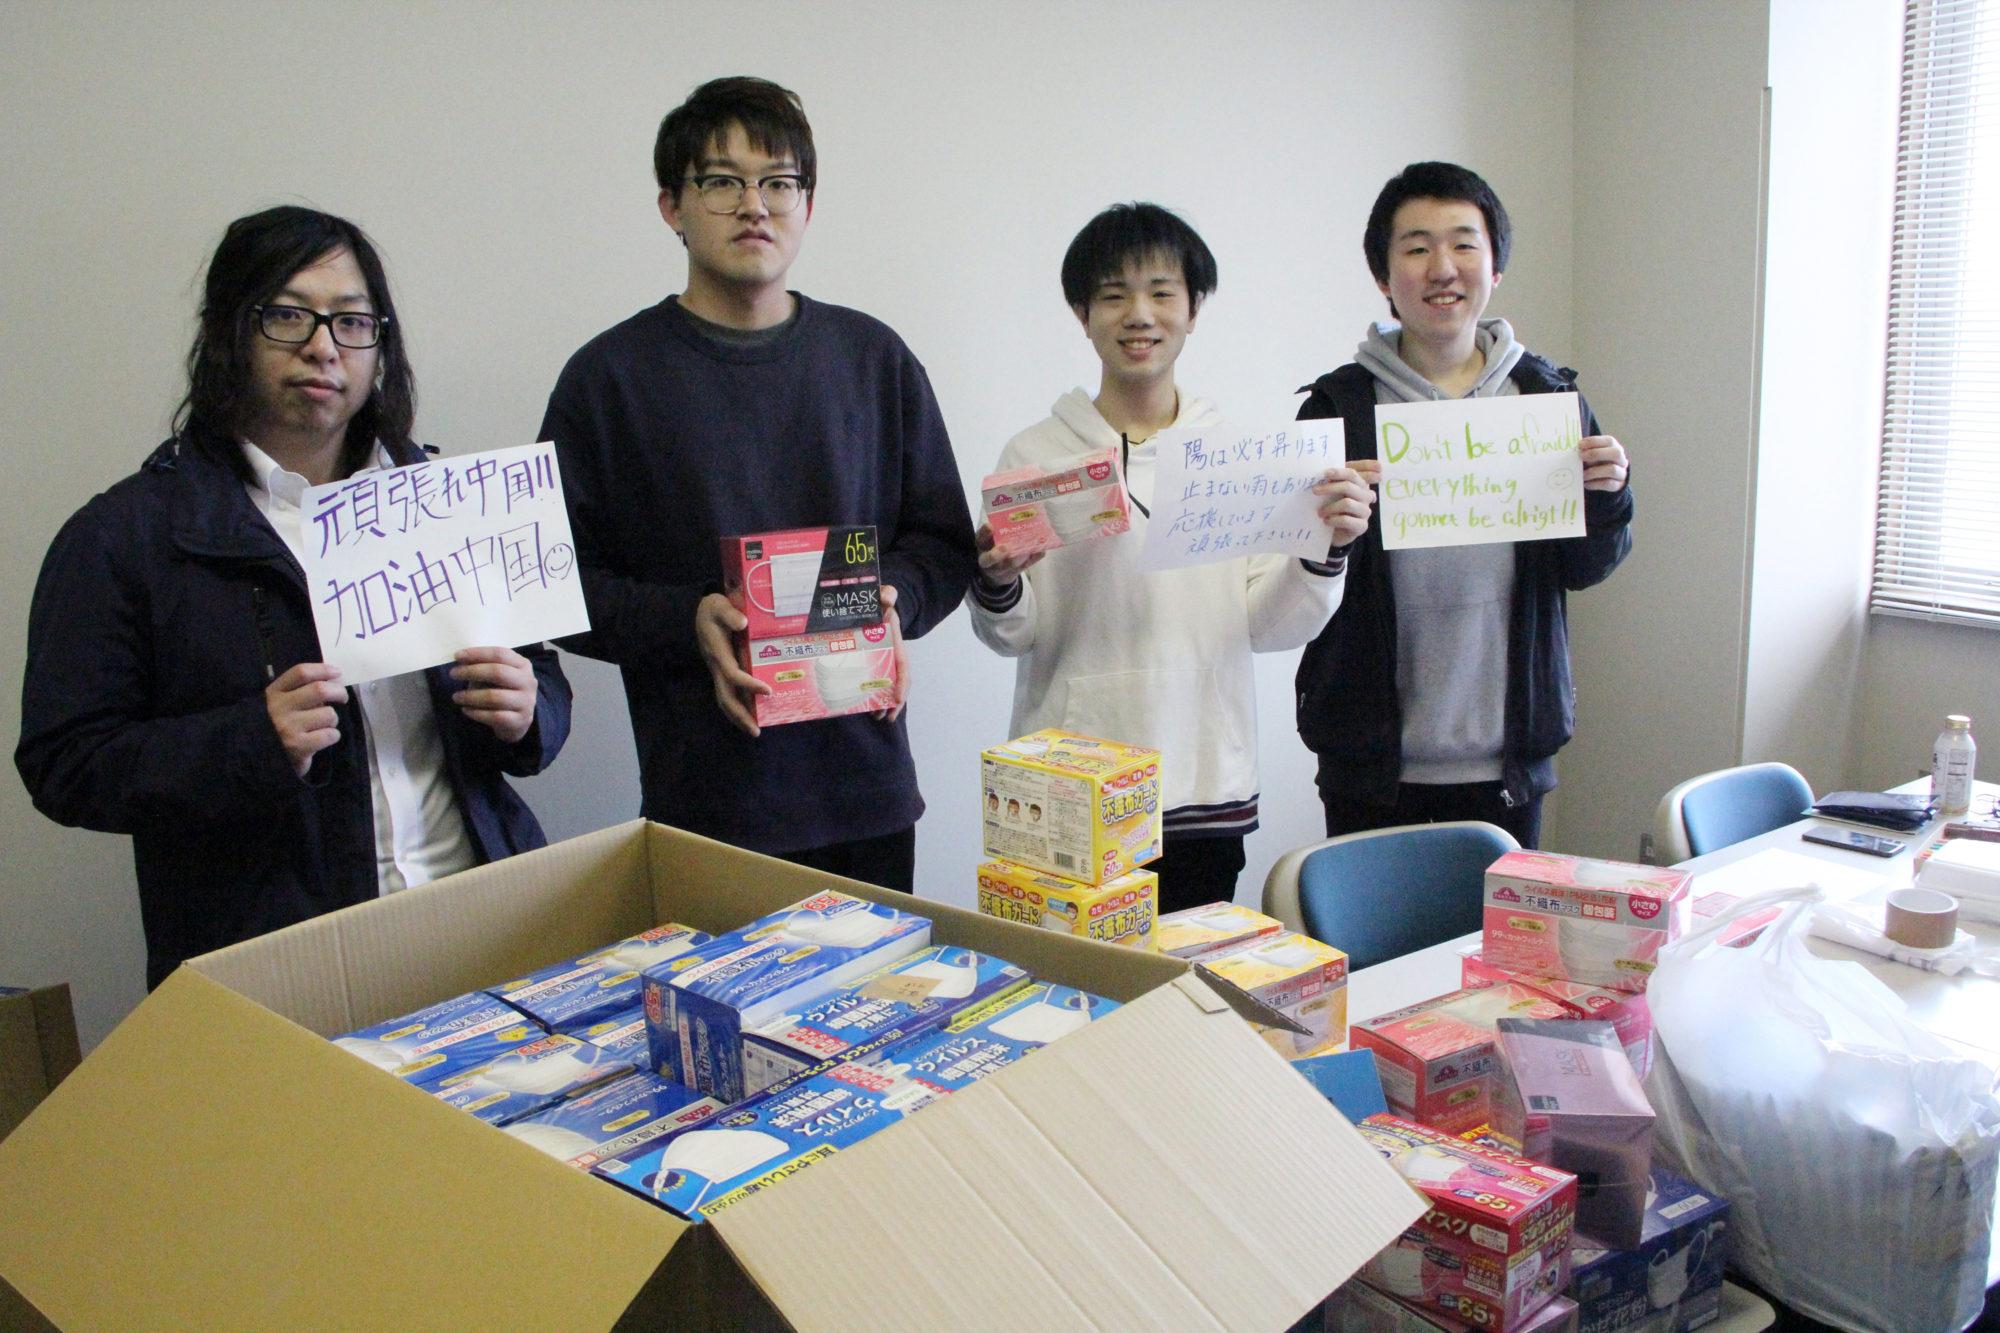 加油武漢!(がんばれ、武漢!)学生たちが中国に支援物資を送りました